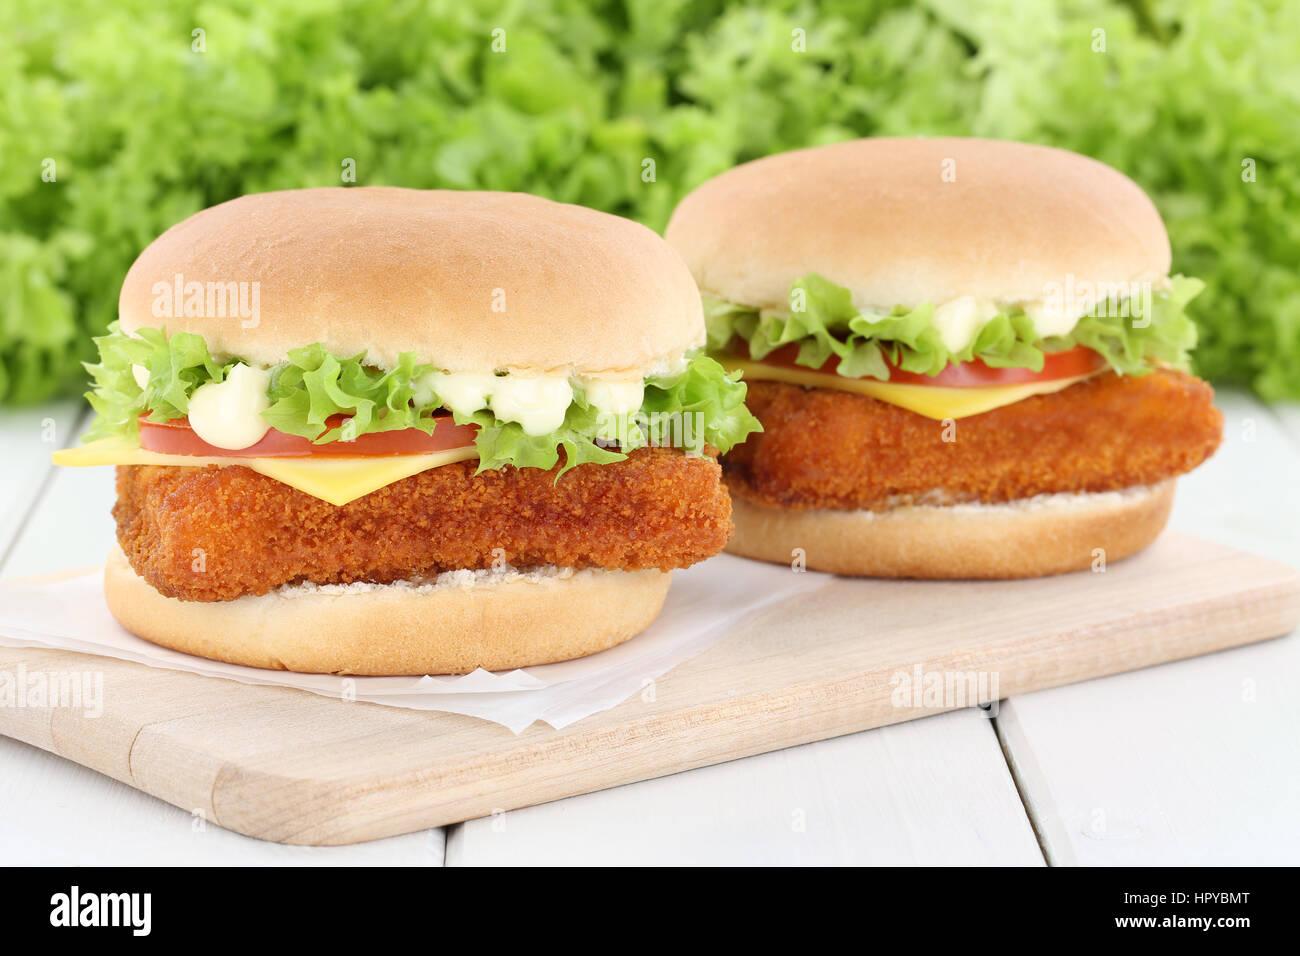 Fisch burger fishburger Hamburger frische Tomaten Salat Käse ungesund Stockbild